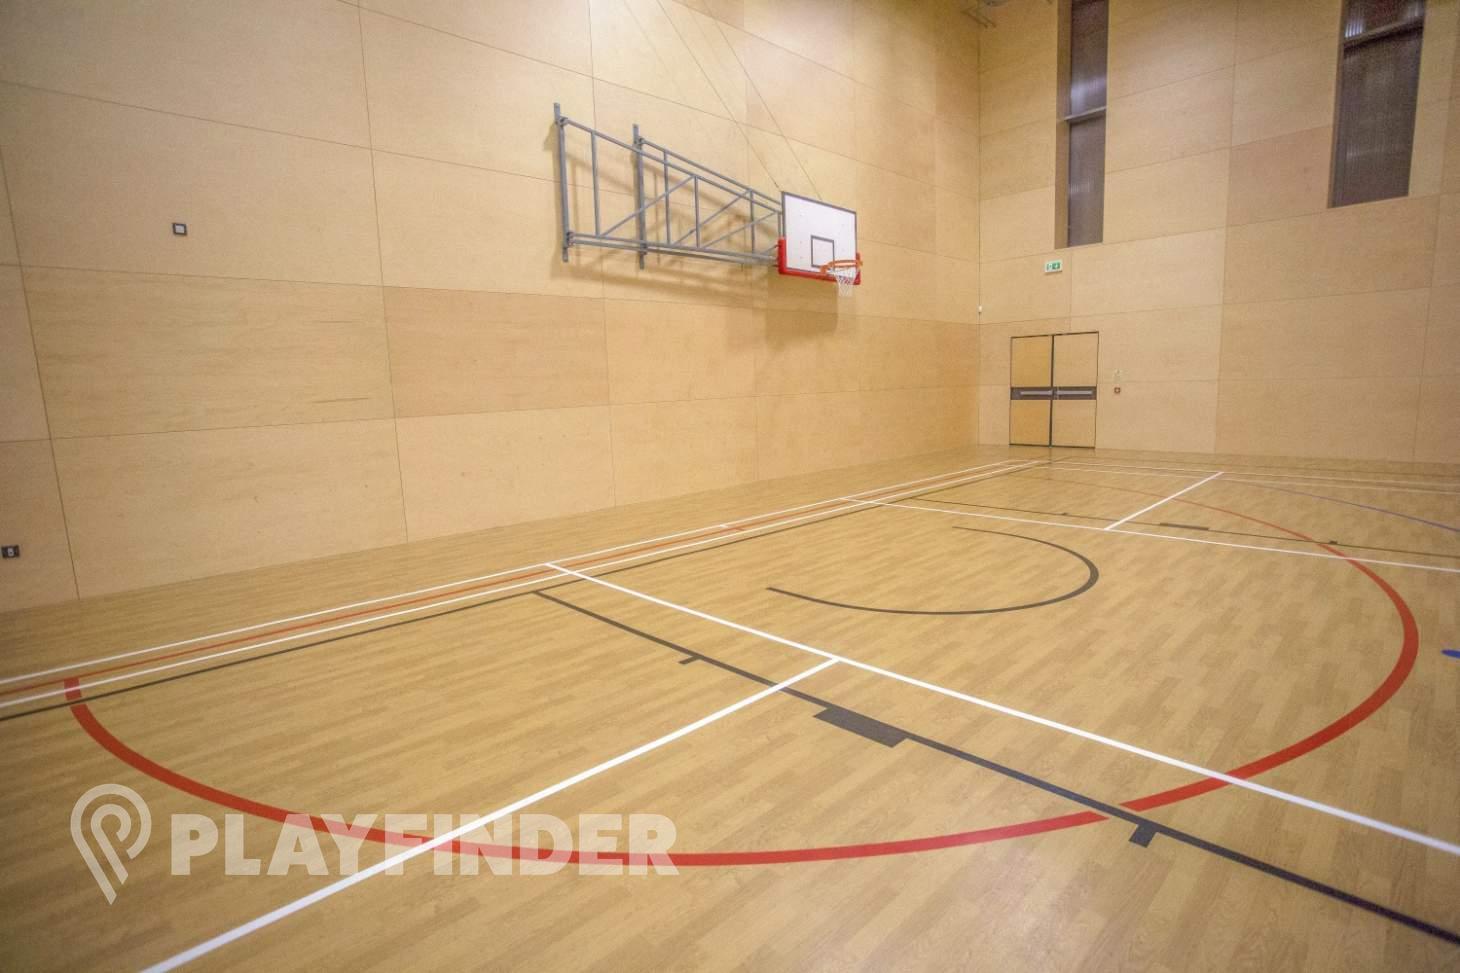 Harris Academy Bromley Indoor netball court